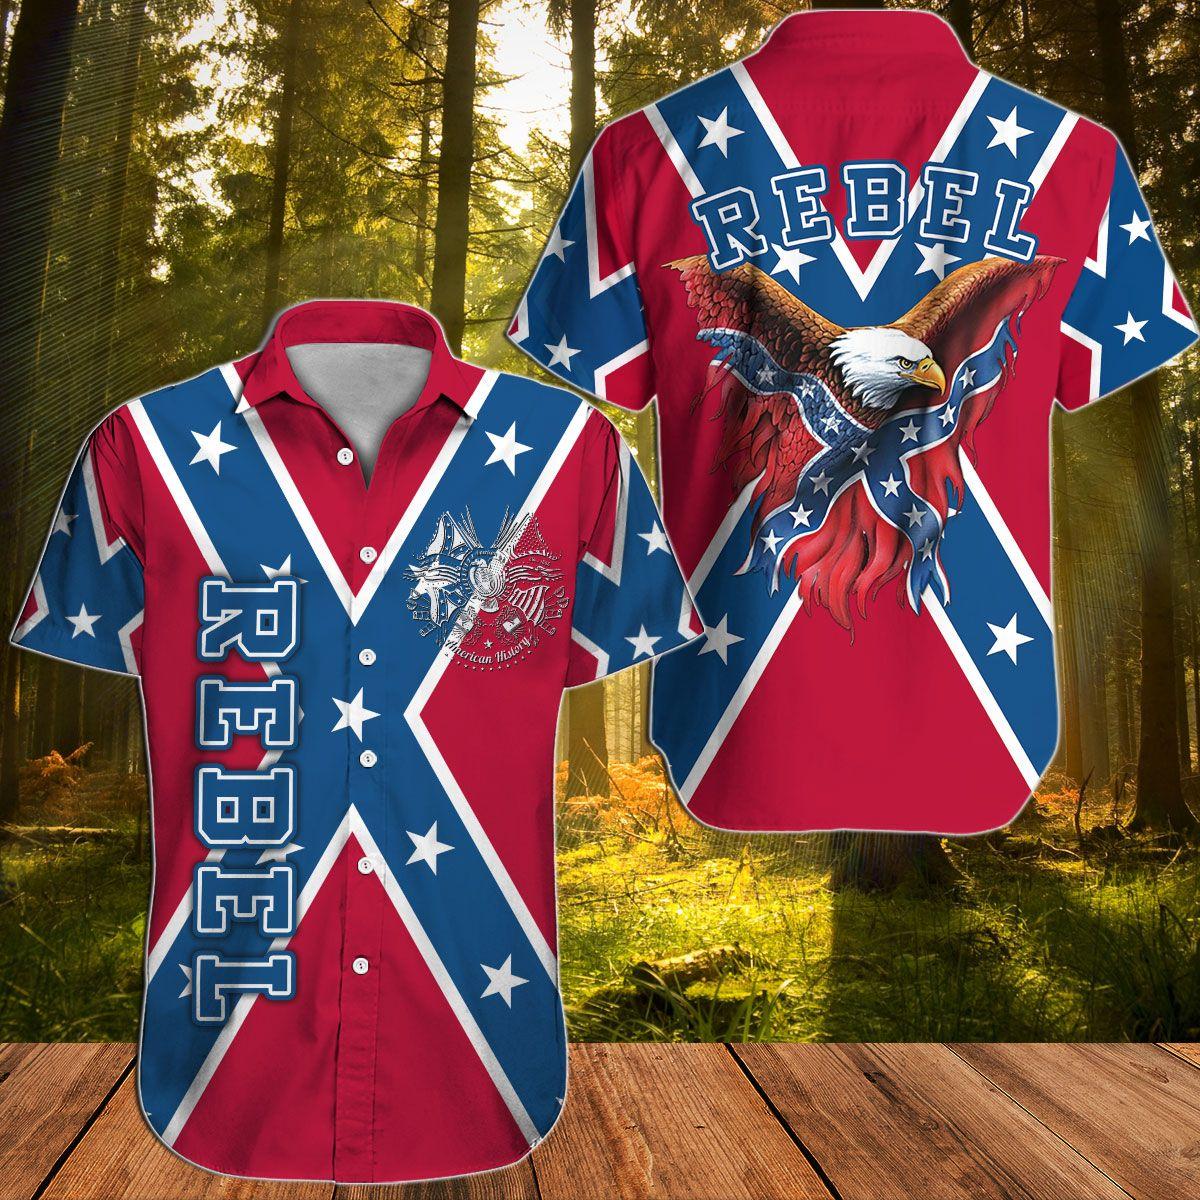 Southern Rebel Confederate Eagle Hawaiian shirt